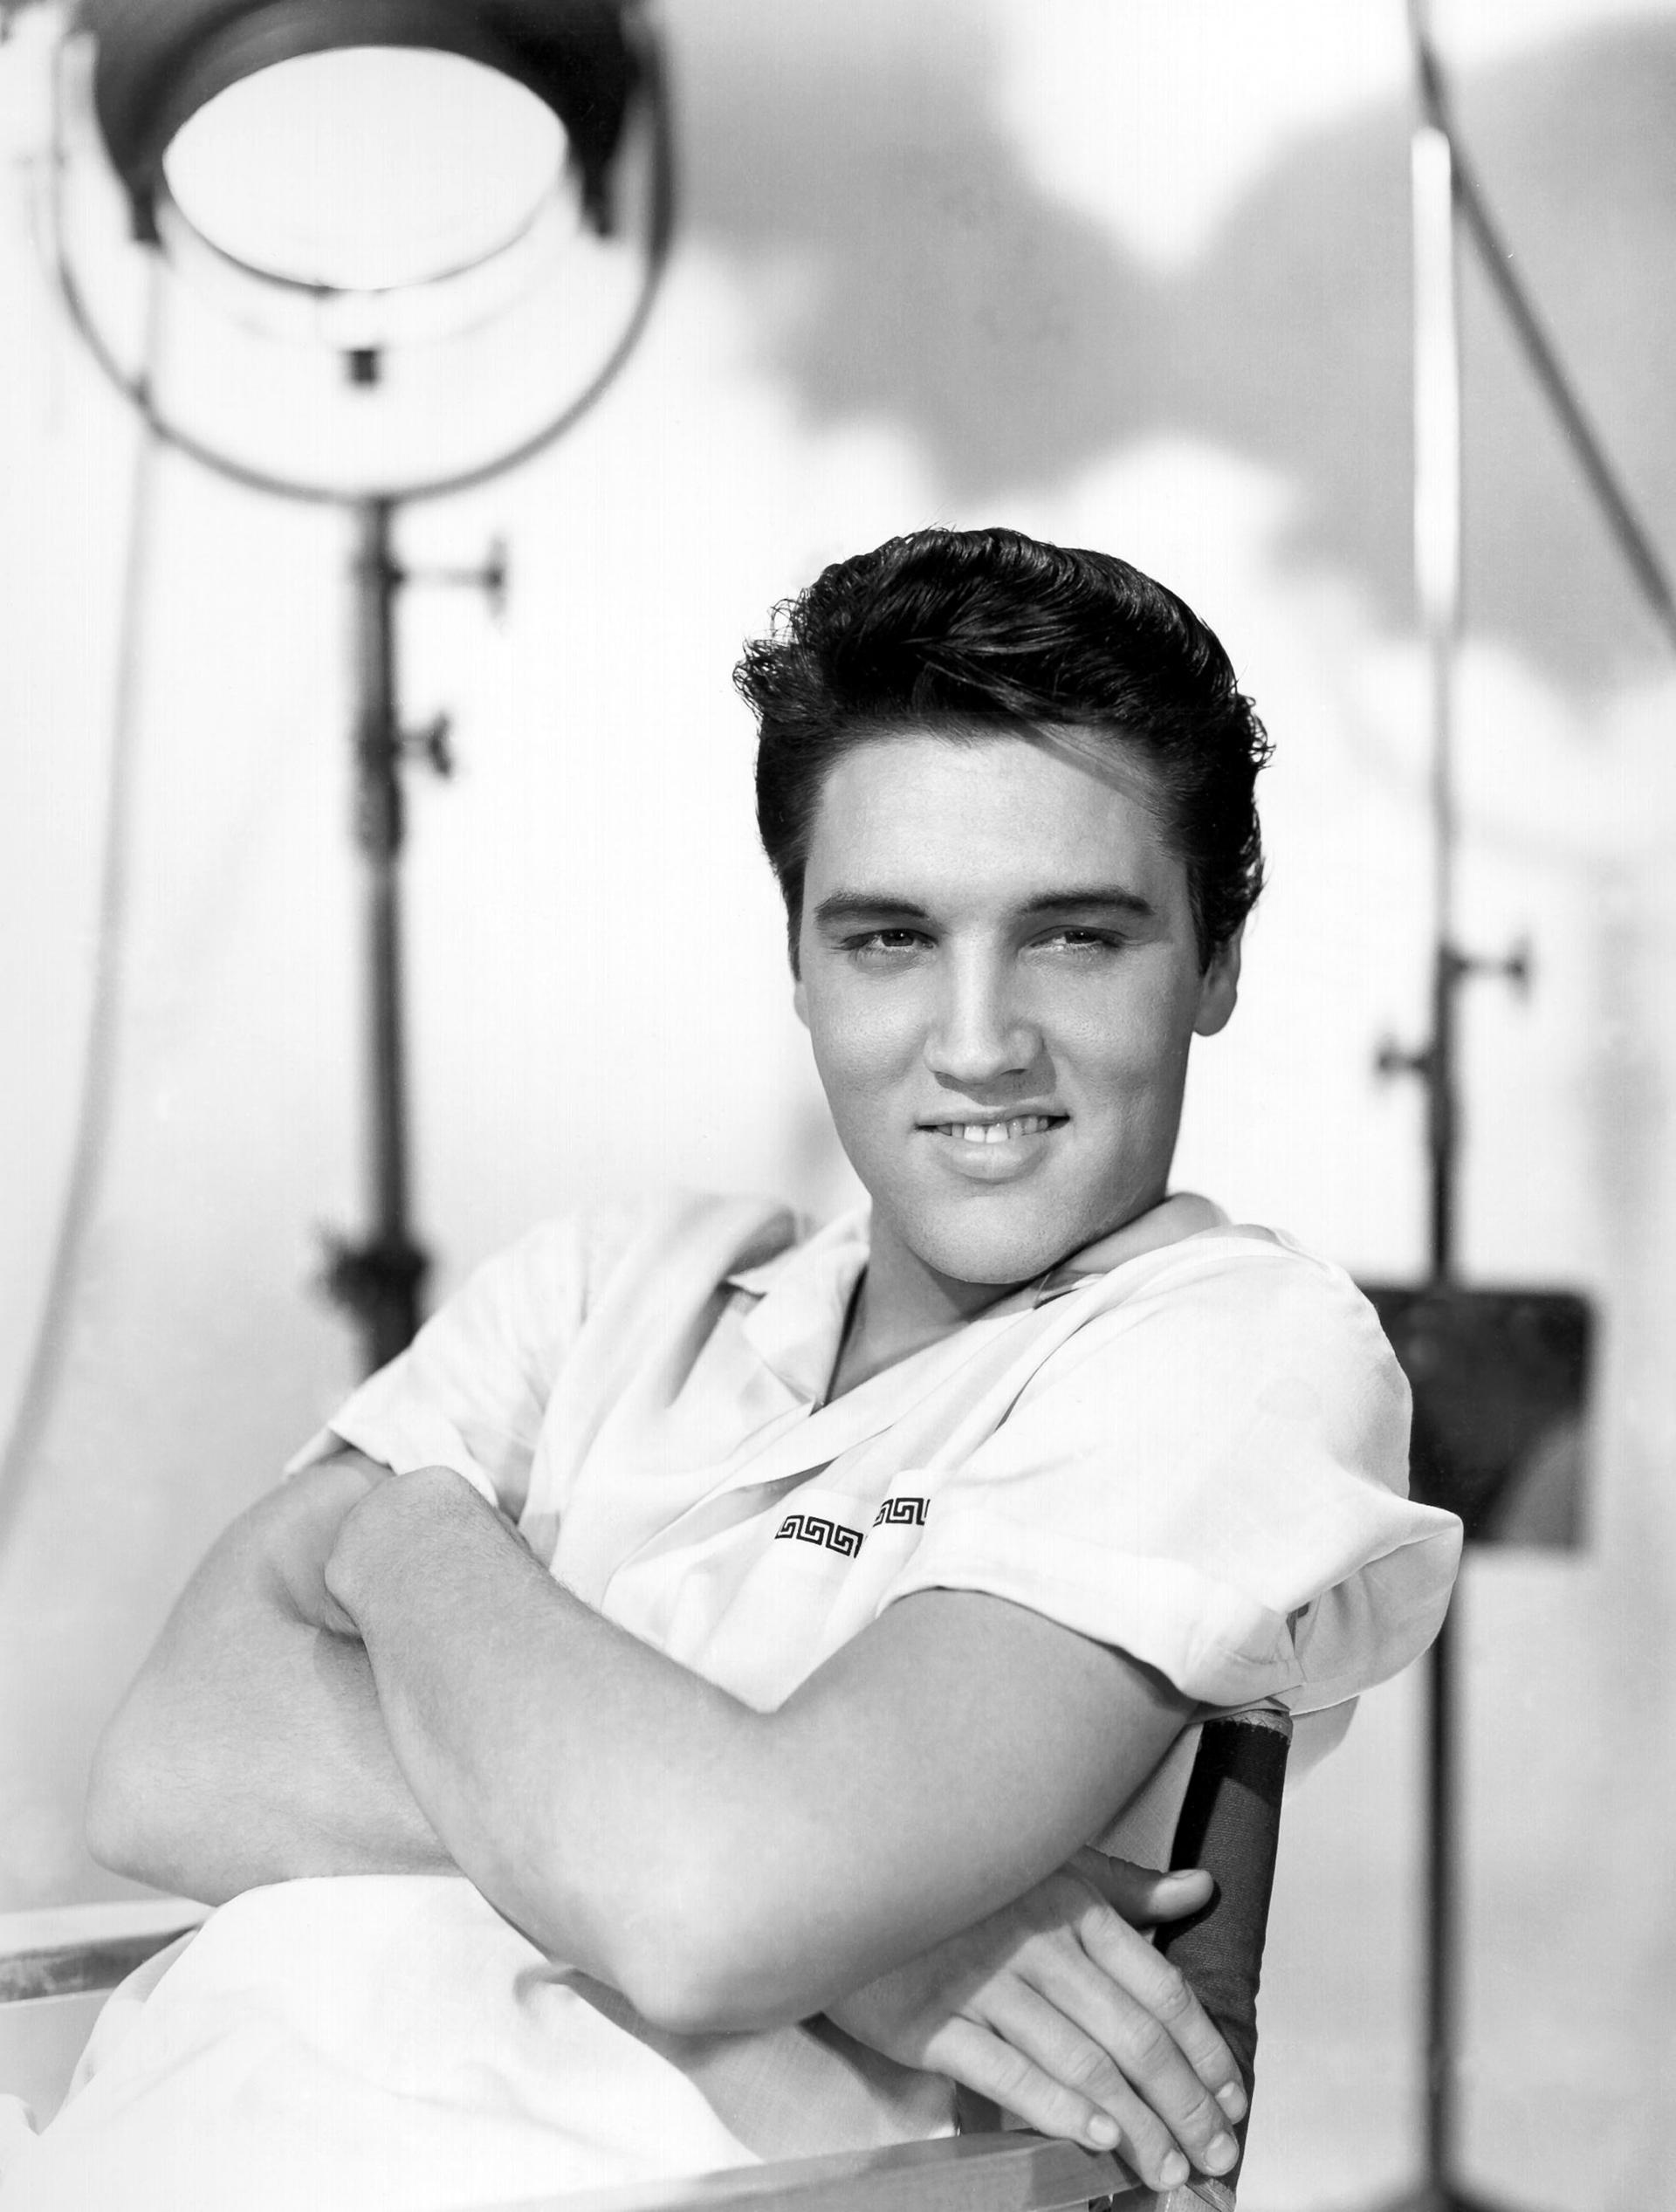 Em sua cadeira de cinema e com refletores de luz de fundo, Elvis participou de 36 filmes, incluindo documentários sobre sua vida pessoal e carreira.